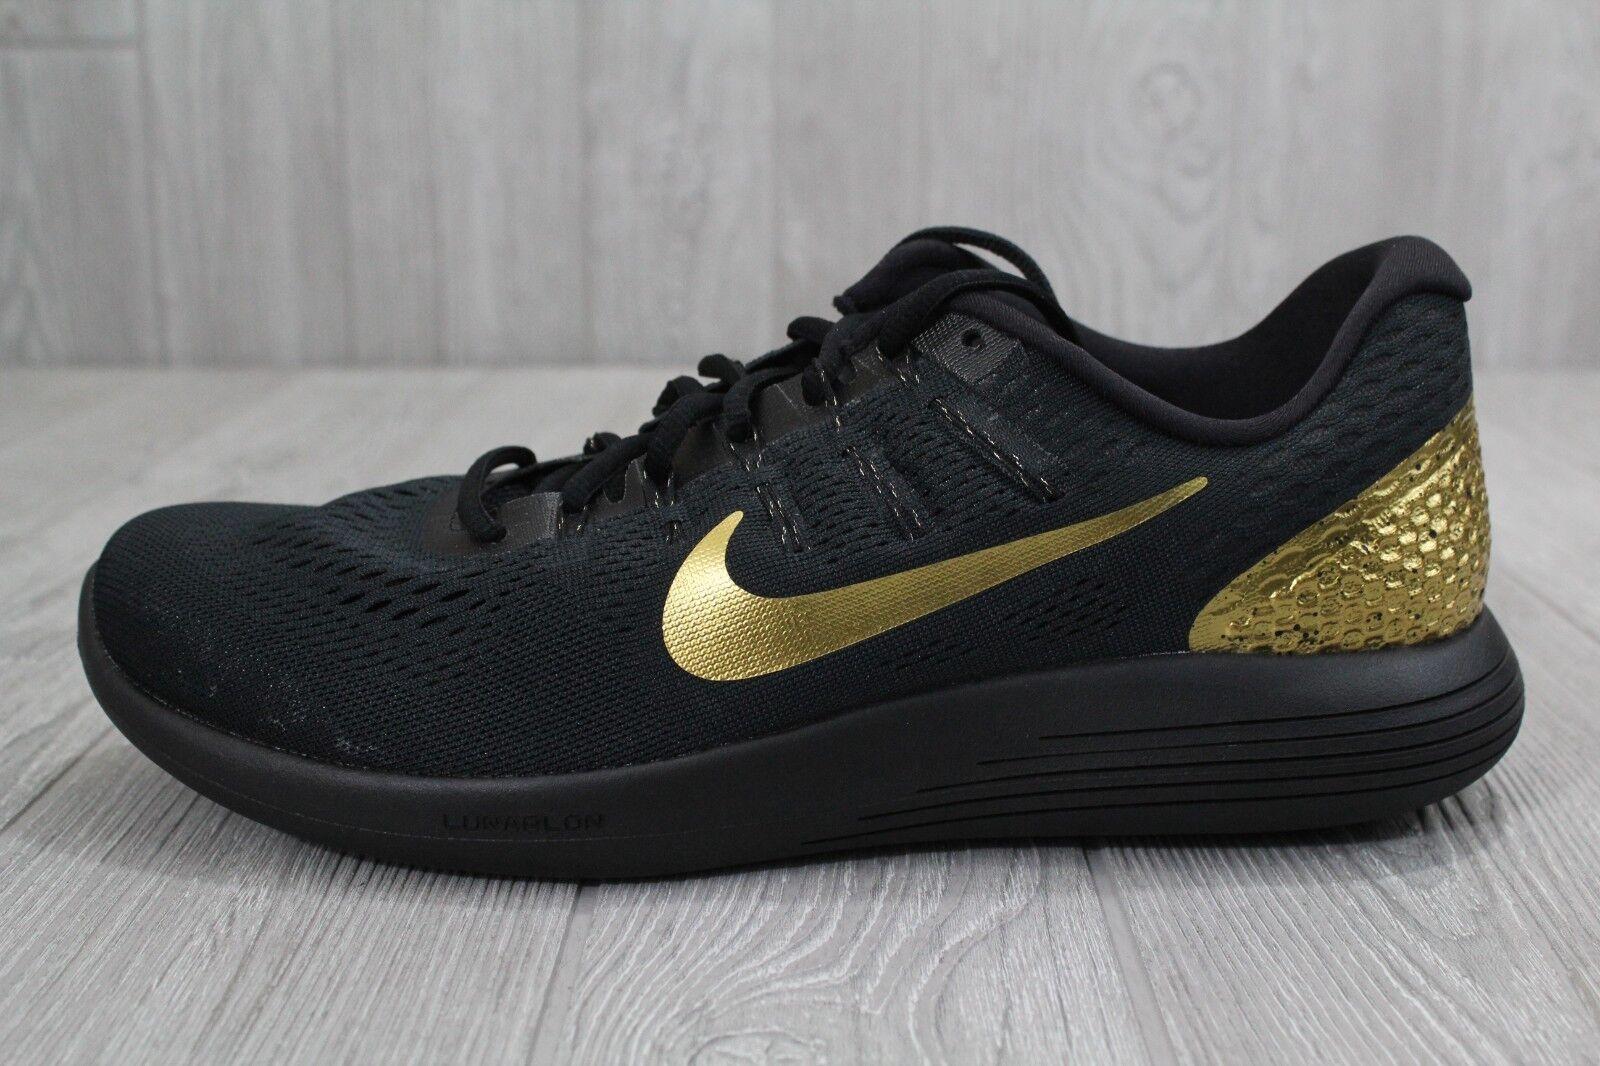 34 Nike Lunarglide 8 LE Black gold Medal 11.5 Men's Running shoes 878706-007